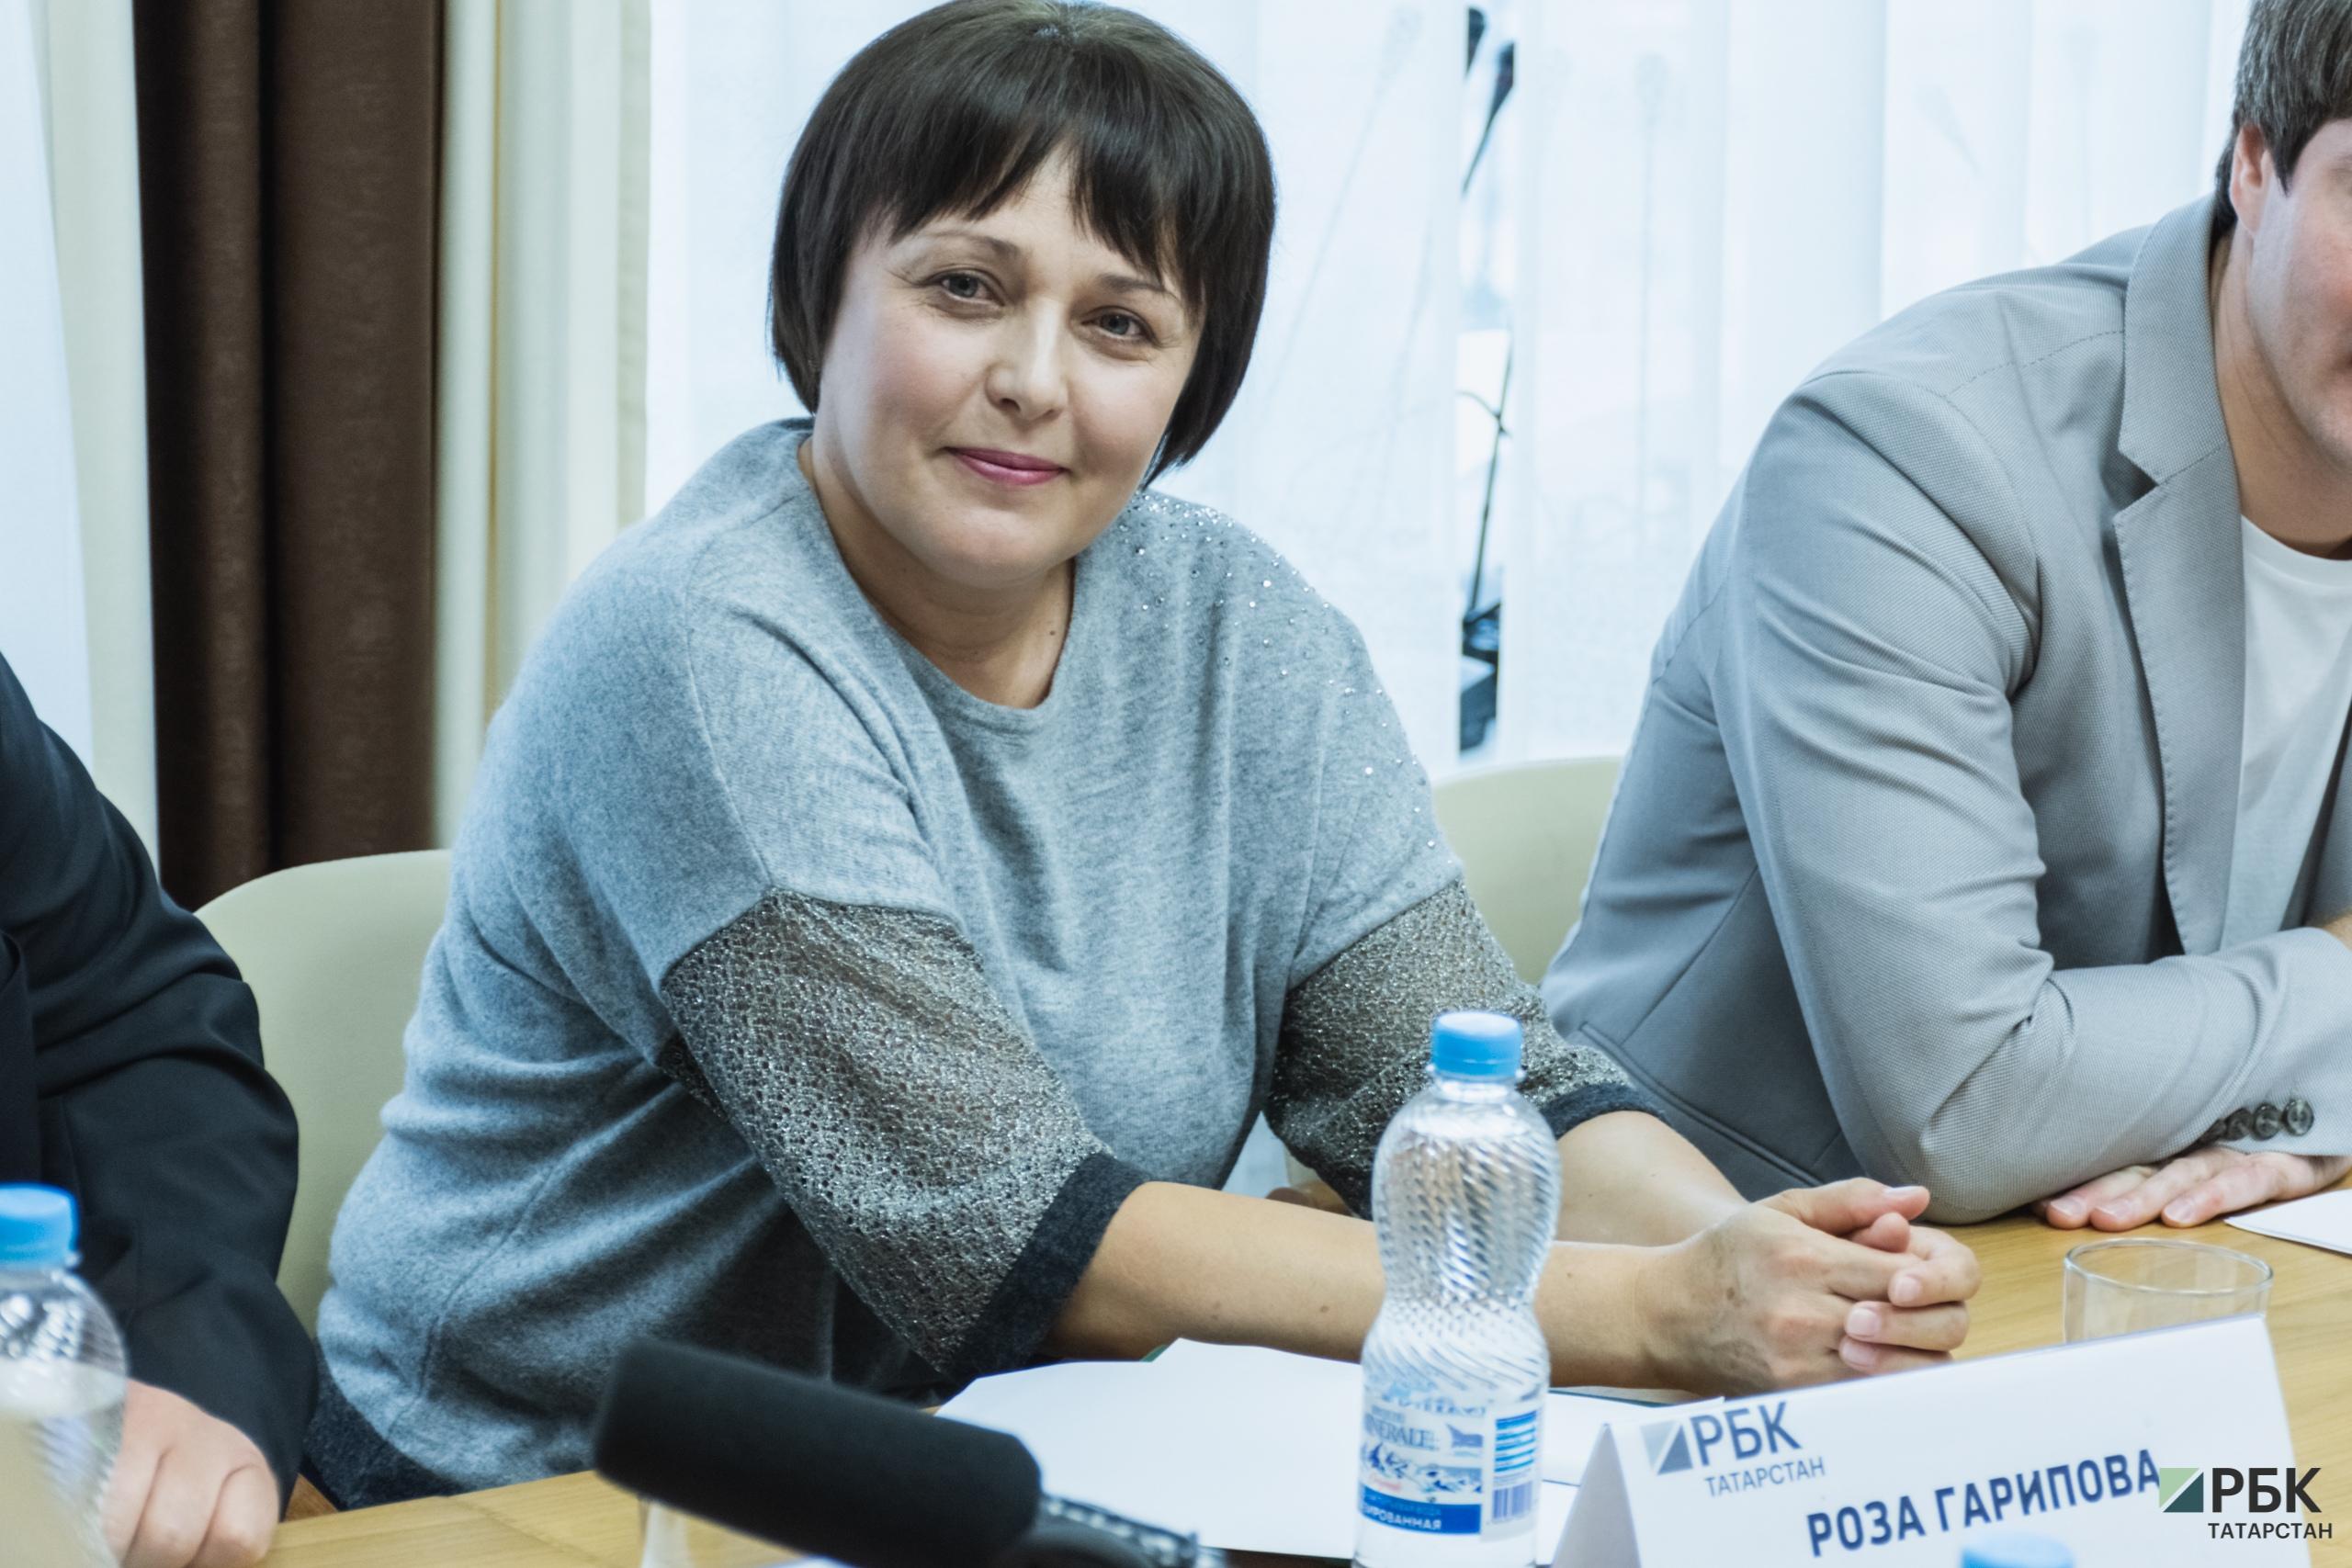 замгендиректора по качеству АО «Зеленодольский молочноперерабатывающий комбинат» Роза Гарипова